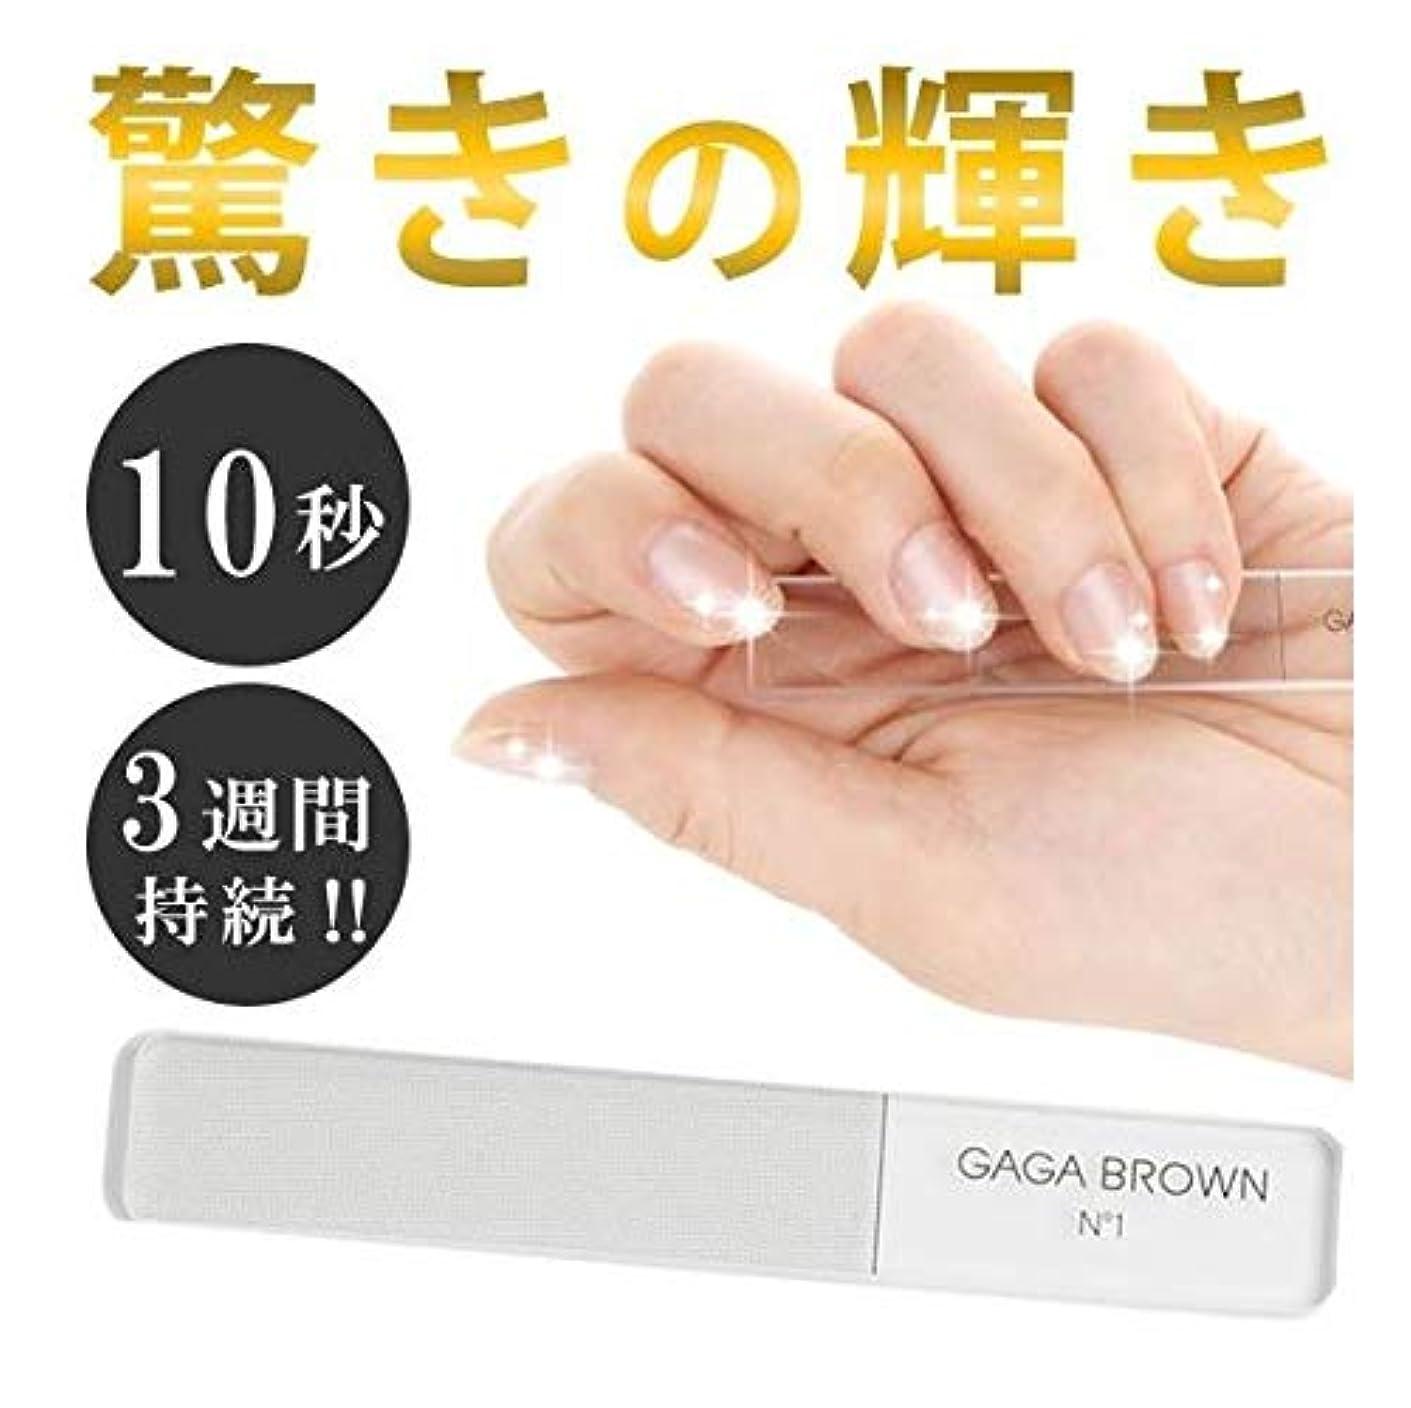 不安定酒強調するGAGABROWN N1 NAIL SHINER(ガガブラウン ネイルシャイナー) 爪磨き 爪みがき 爪やすり ガラス製 バッファー つめやすり